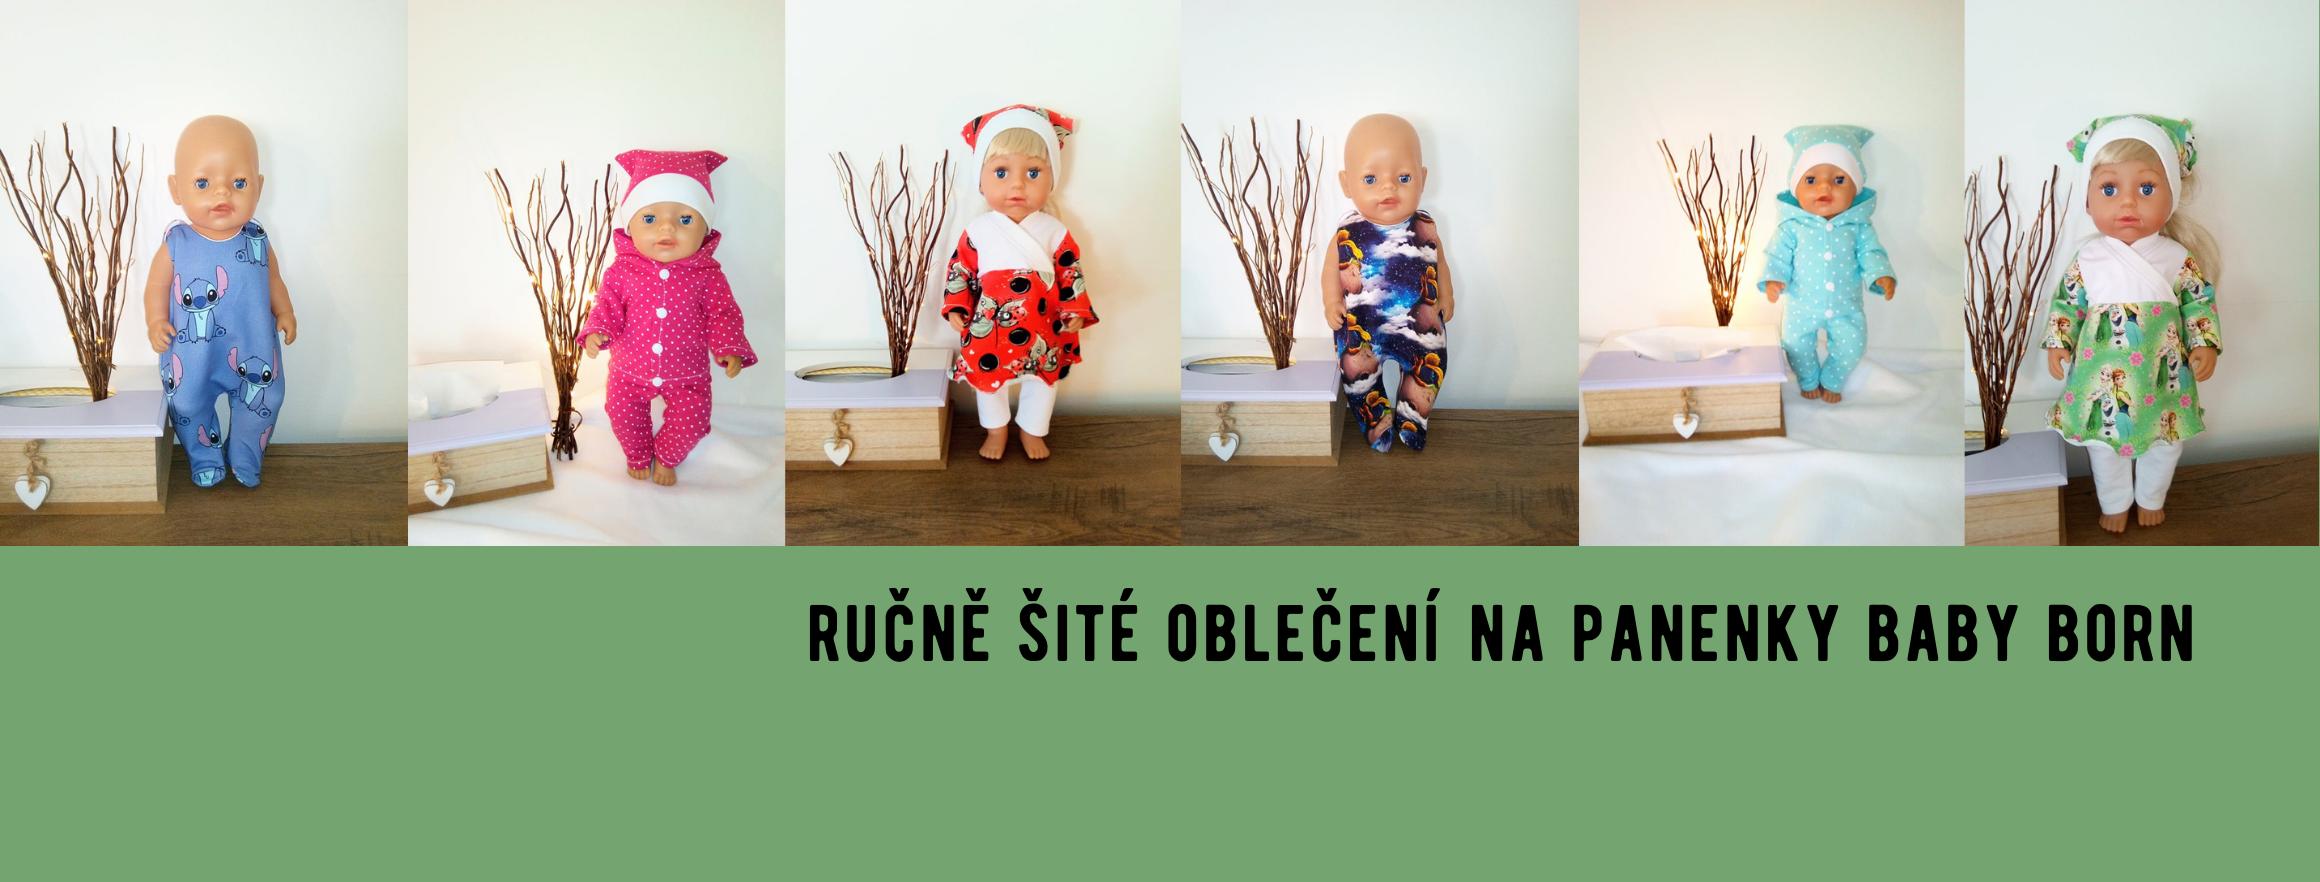 Oblečení na panenky Baby born